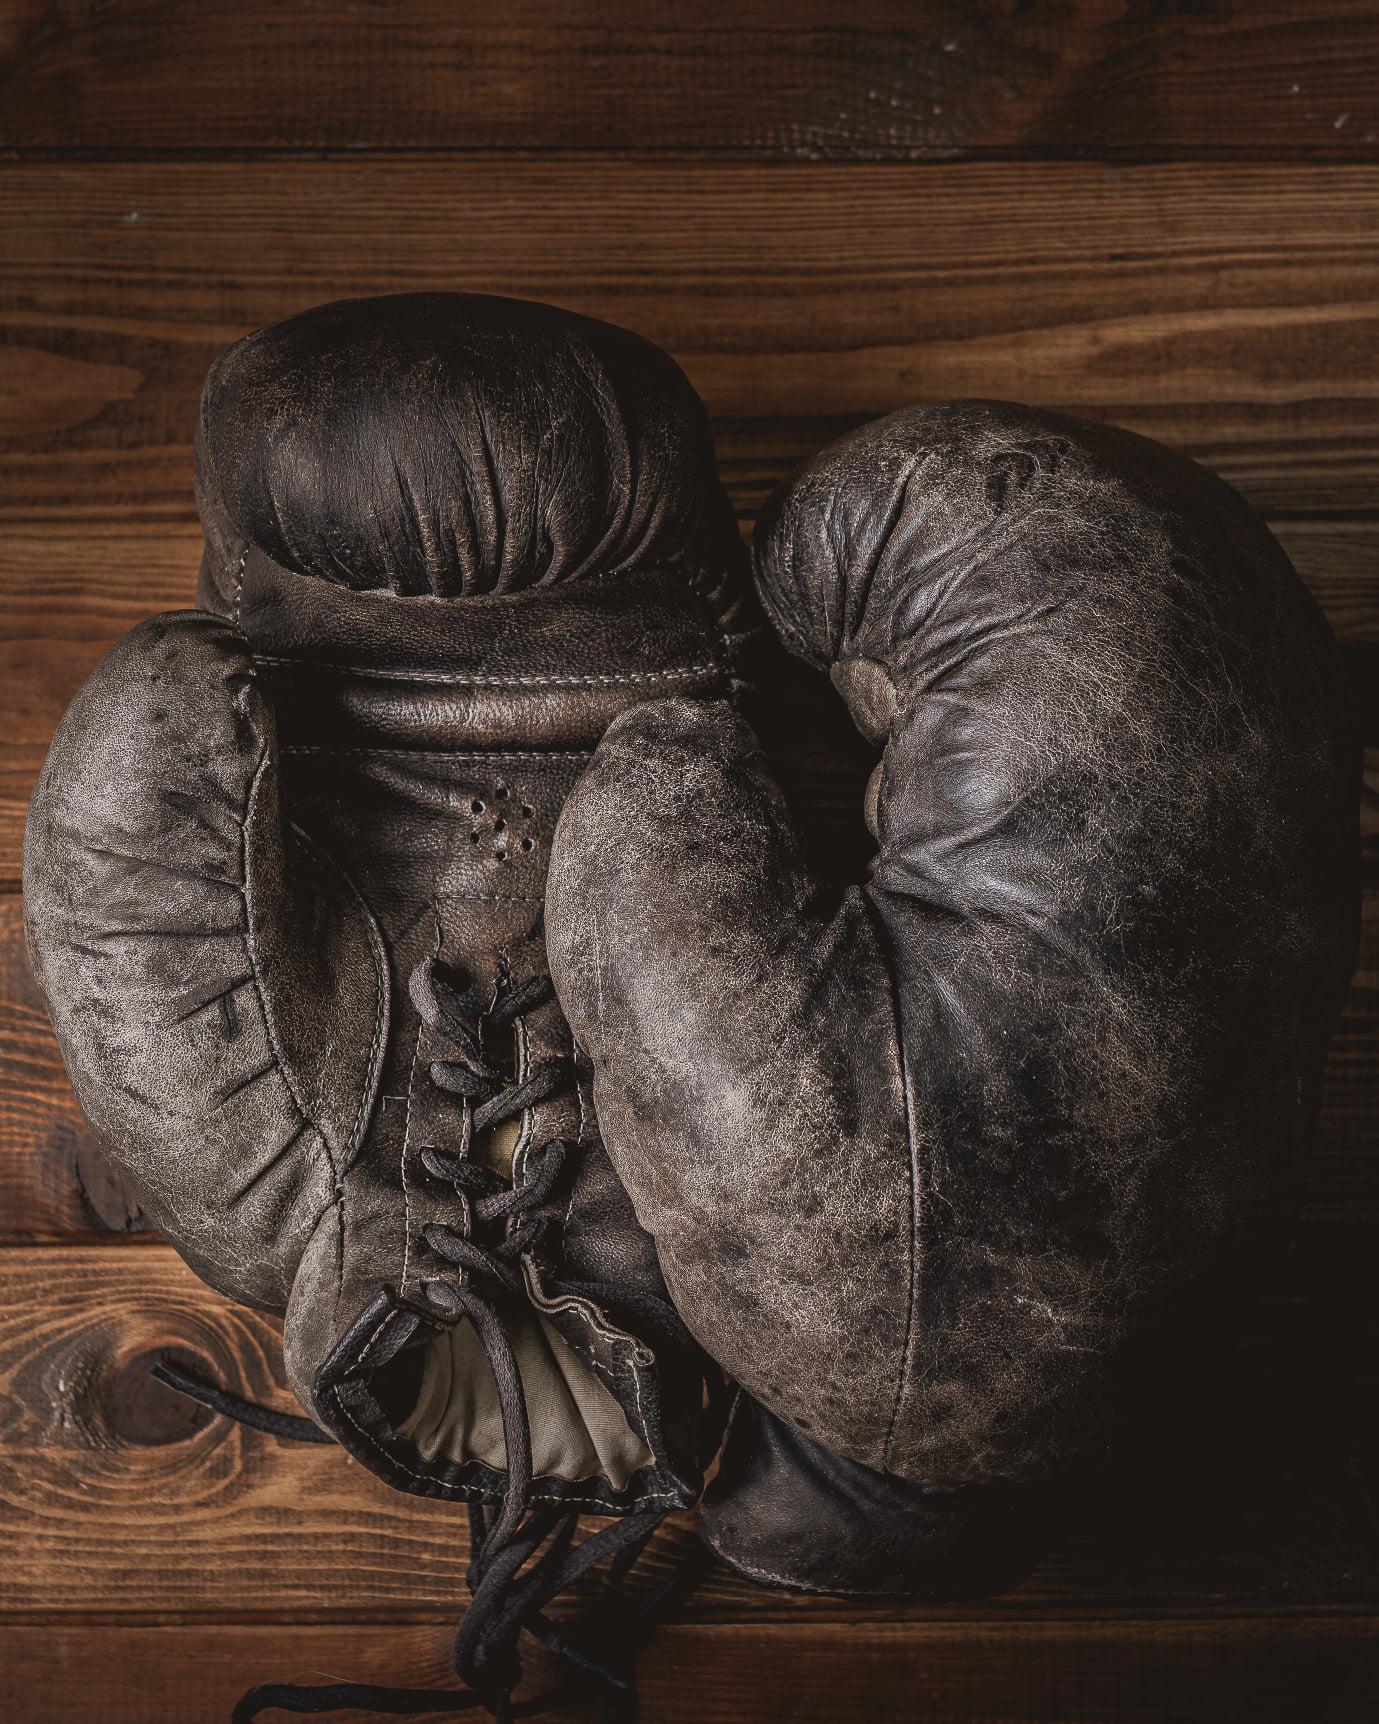 Rękawice bokserskie - WORO Paweł Worobiej Manwith Passion